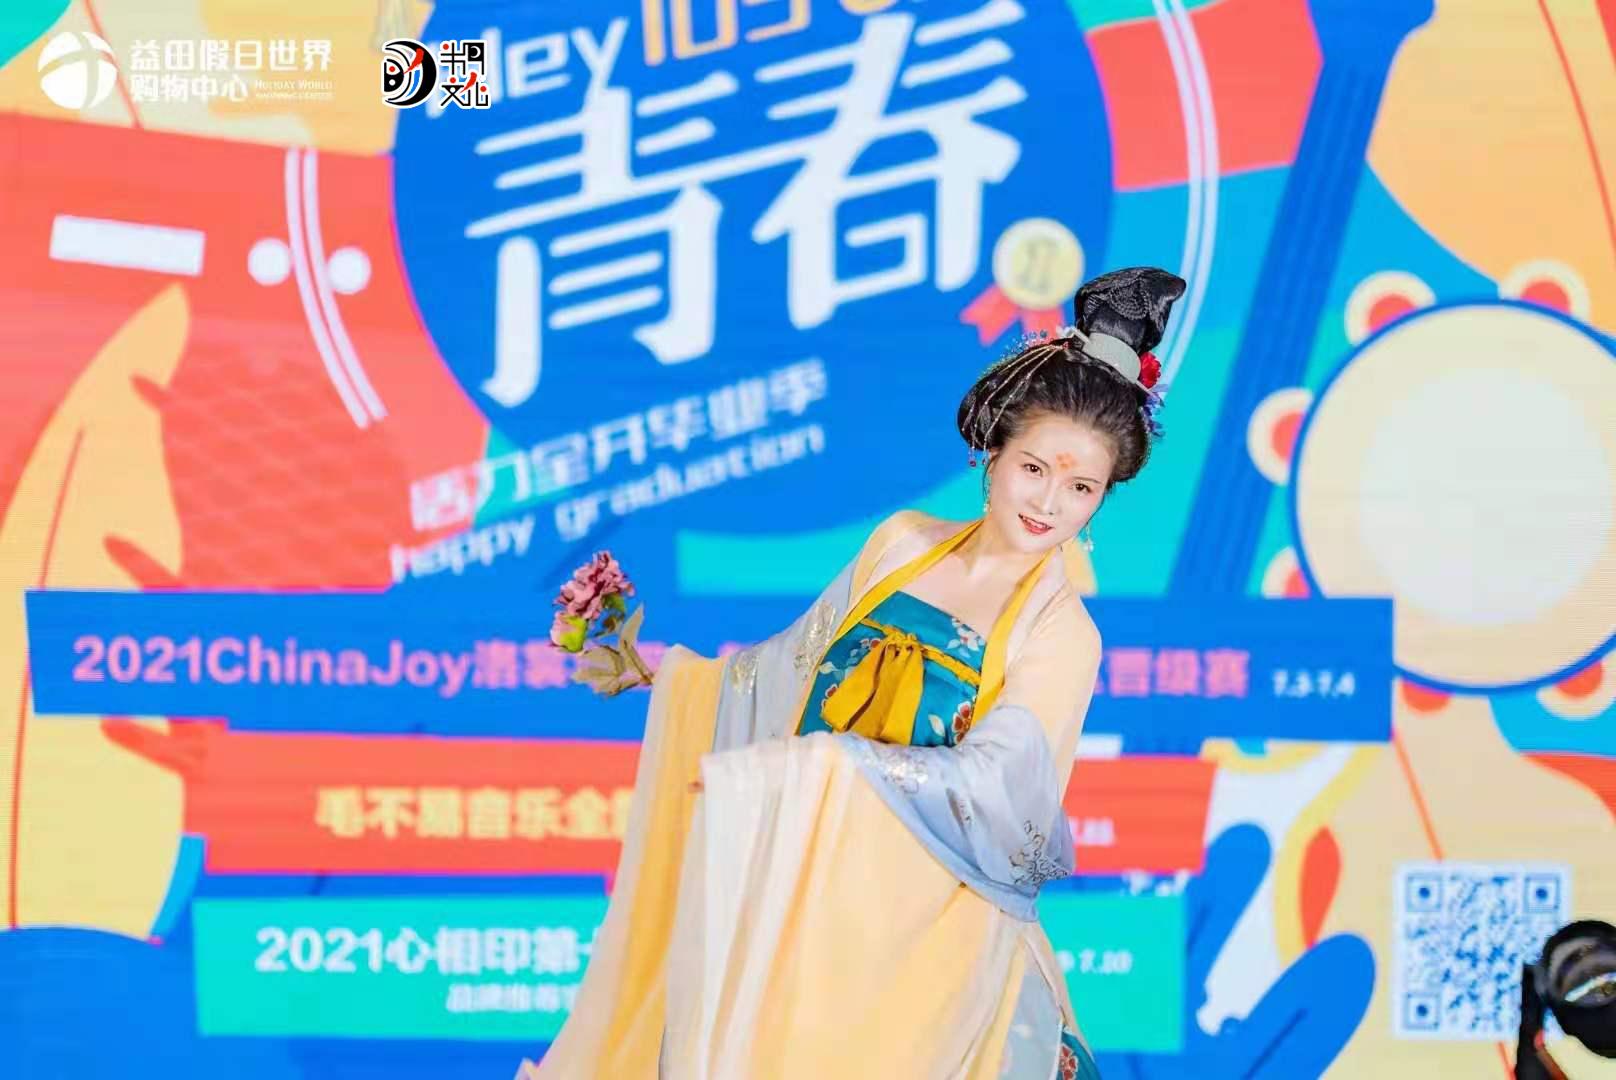 2021ChinaJoy洛裳华服·新秀大赛西北赛区晋级赛华丽谢幕